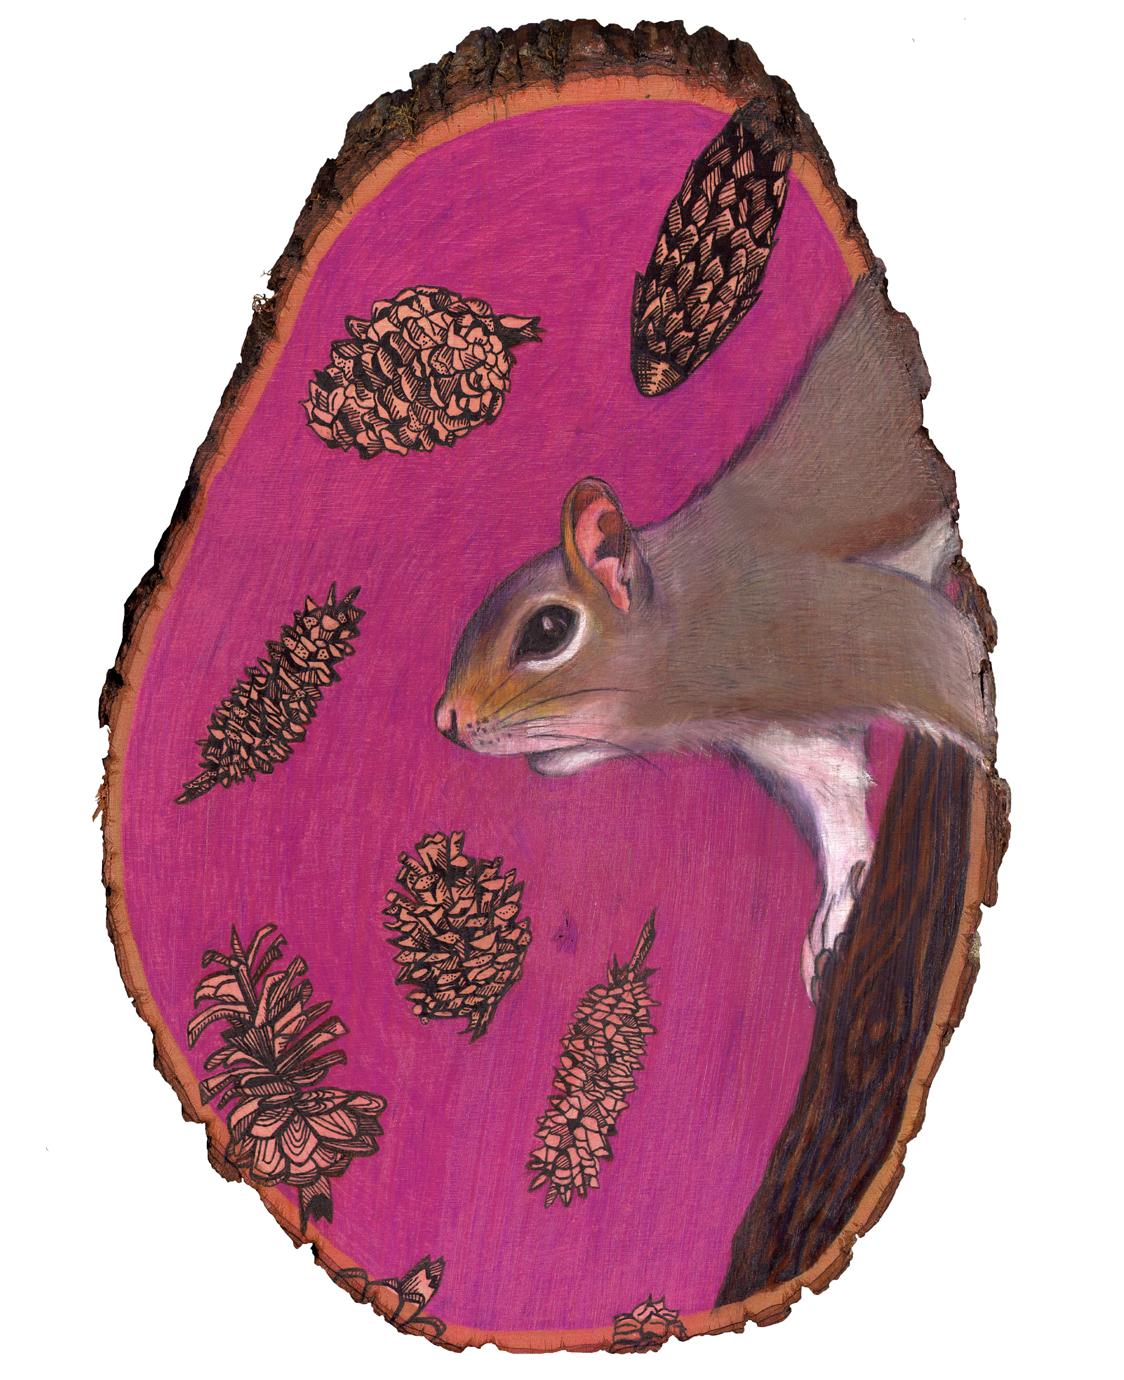 squirrel kodak 8x10.jpg